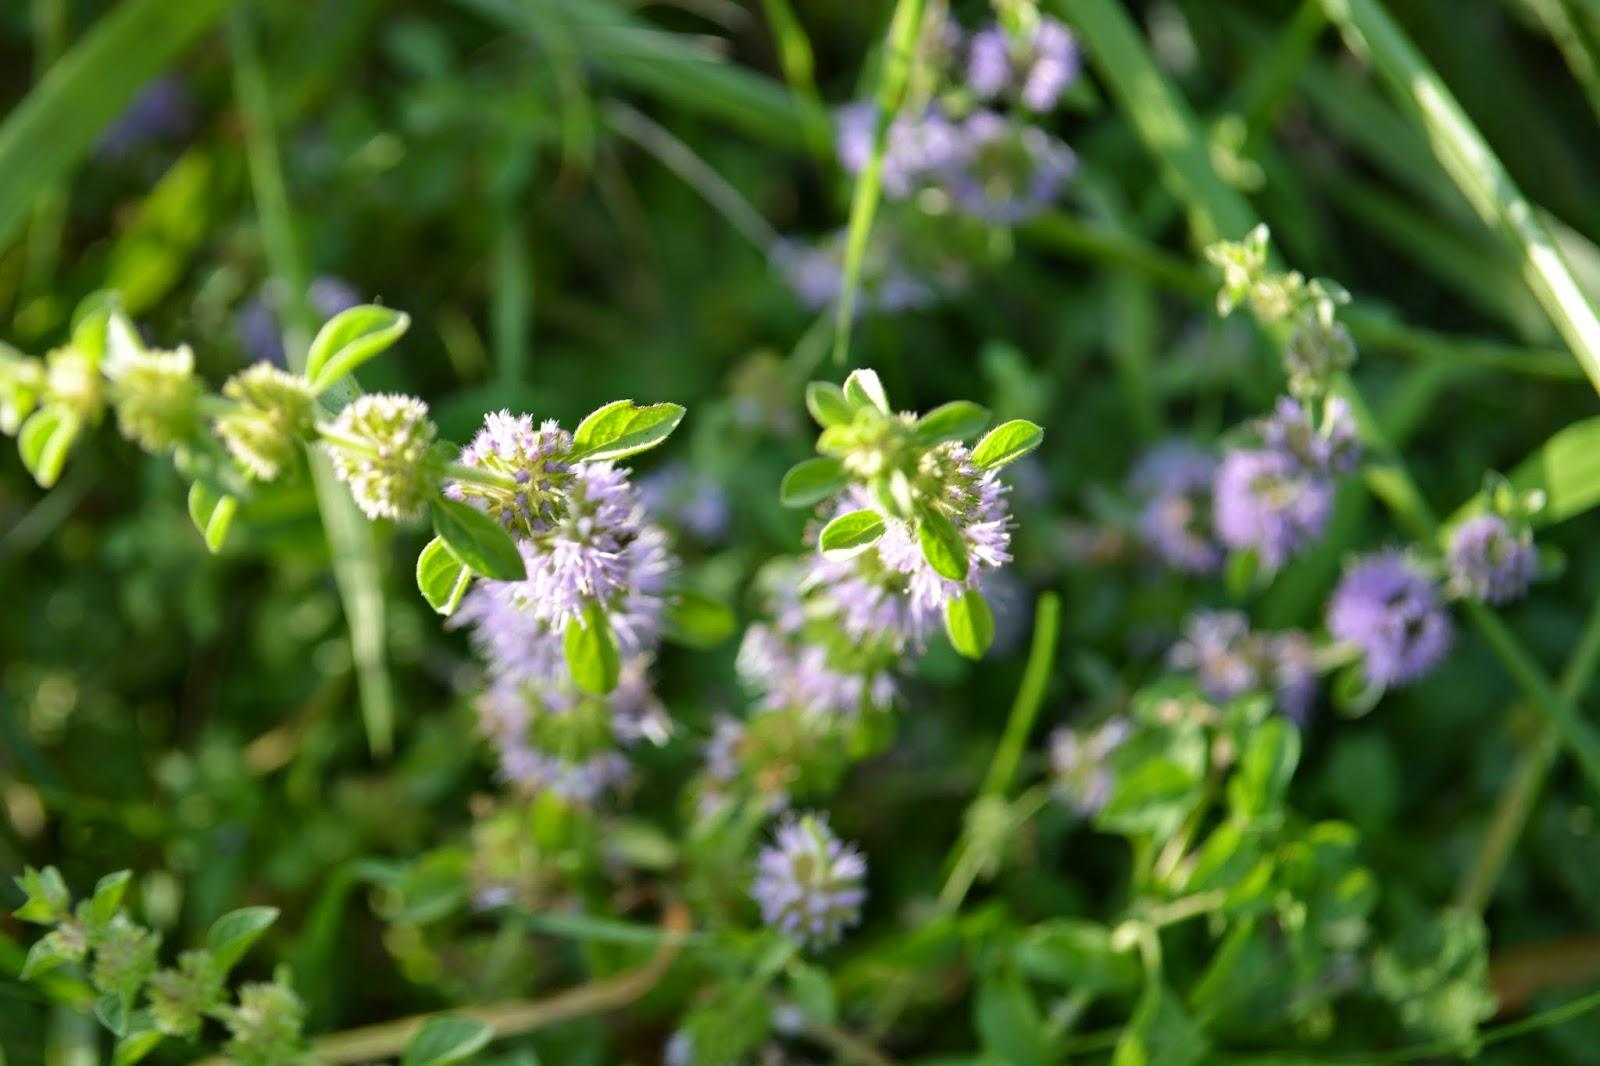 Poleo, menta, cubresuelo perfumado entre el pasto. Semisombra